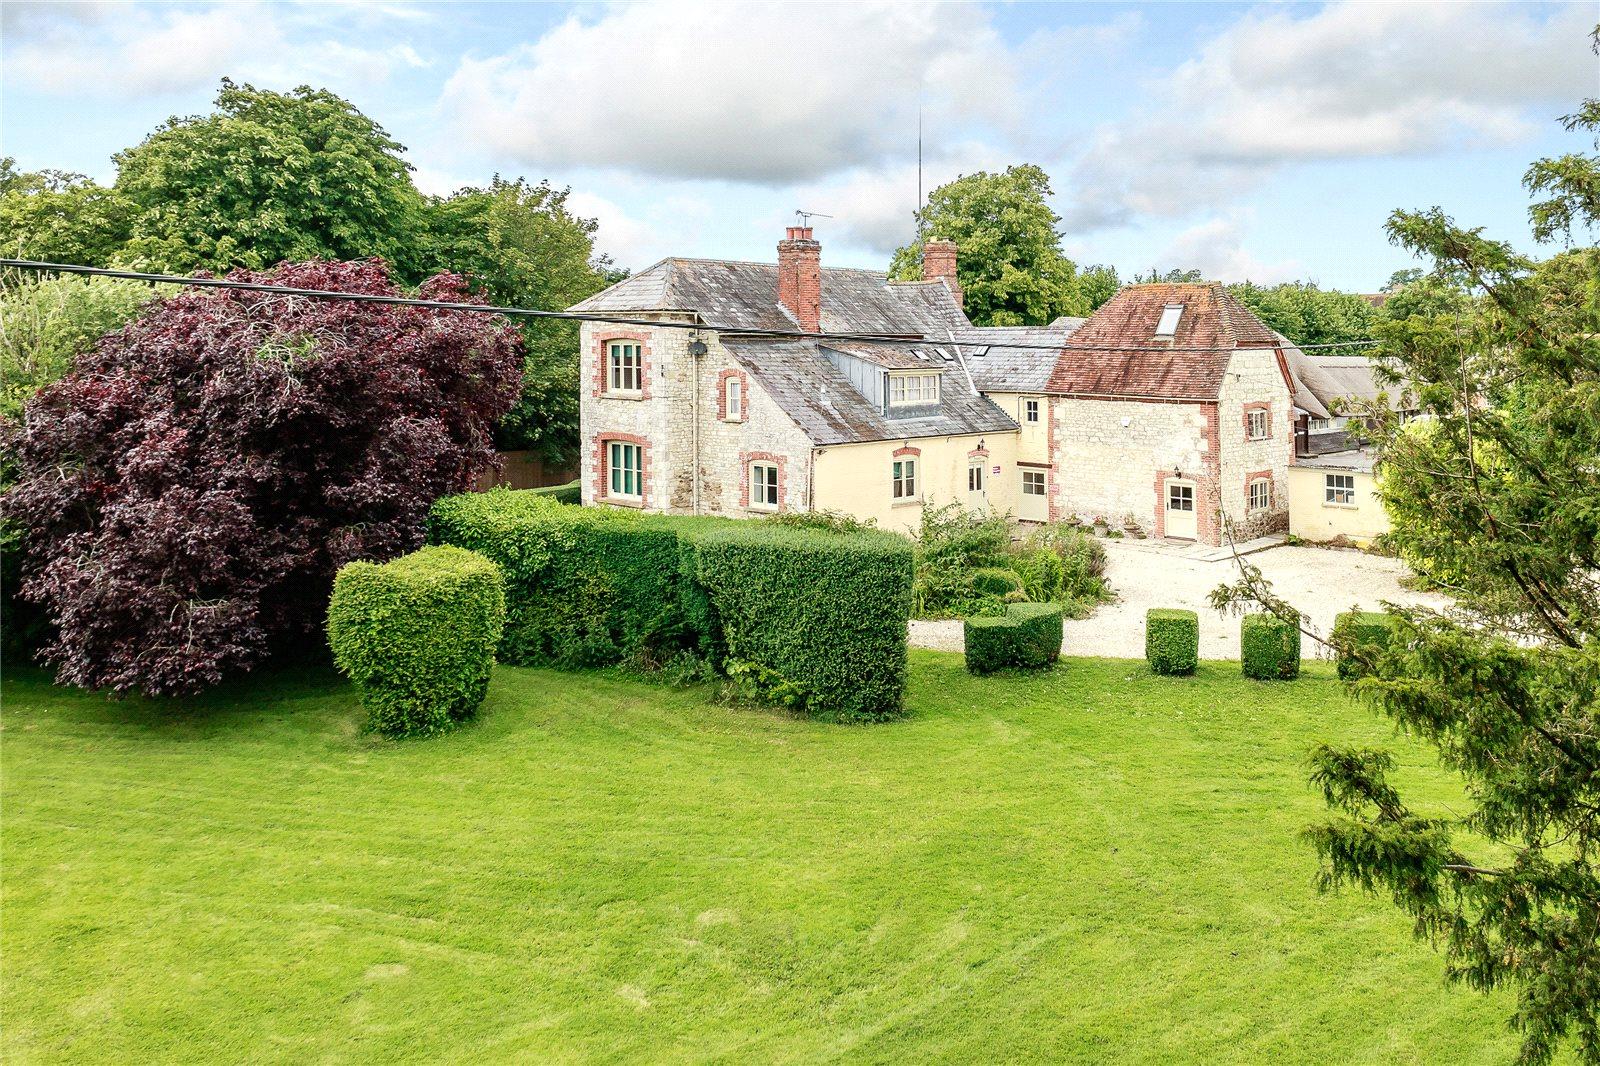 Μονοκατοικία για την Πώληση στο Kingston Lisle, Wantage, Oxfordshire, OX12 Wantage, Αγγλια